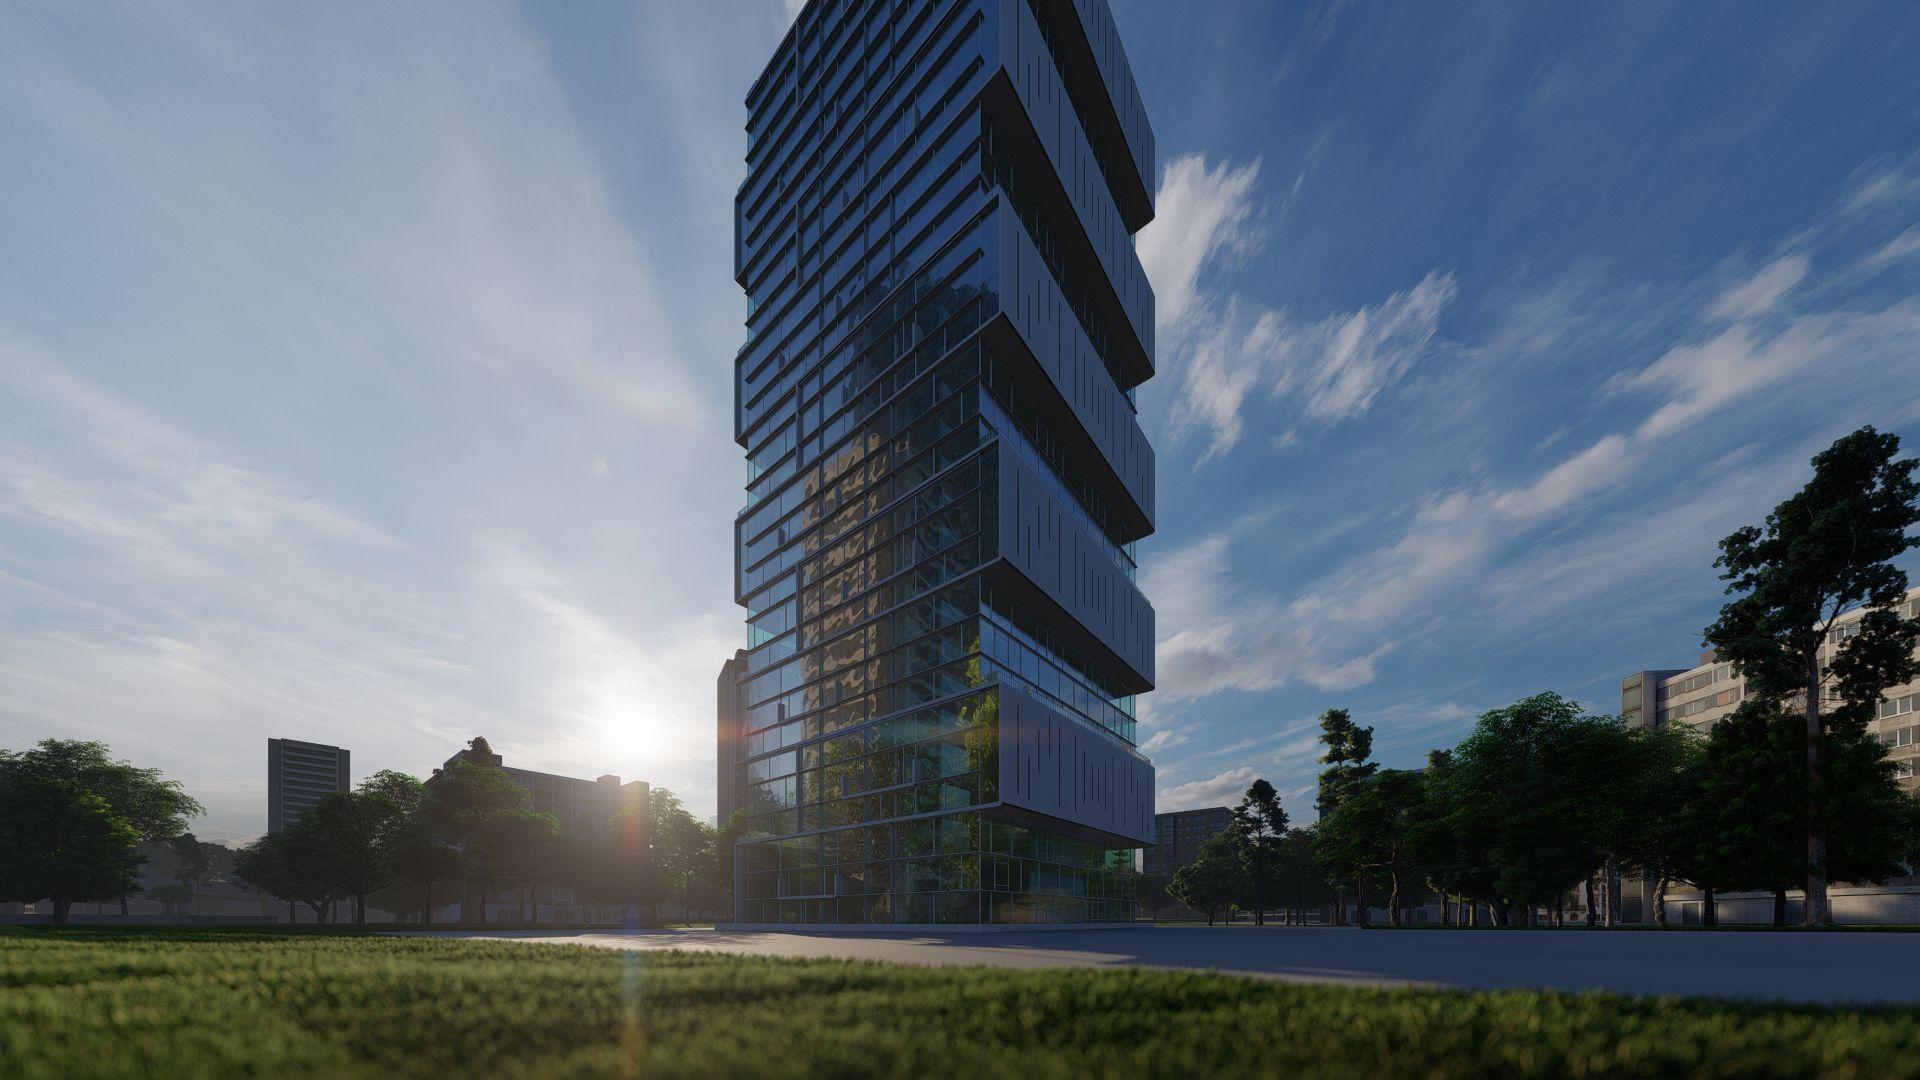 arhitektuurne 3d pilt hoone visualiseerimine 165